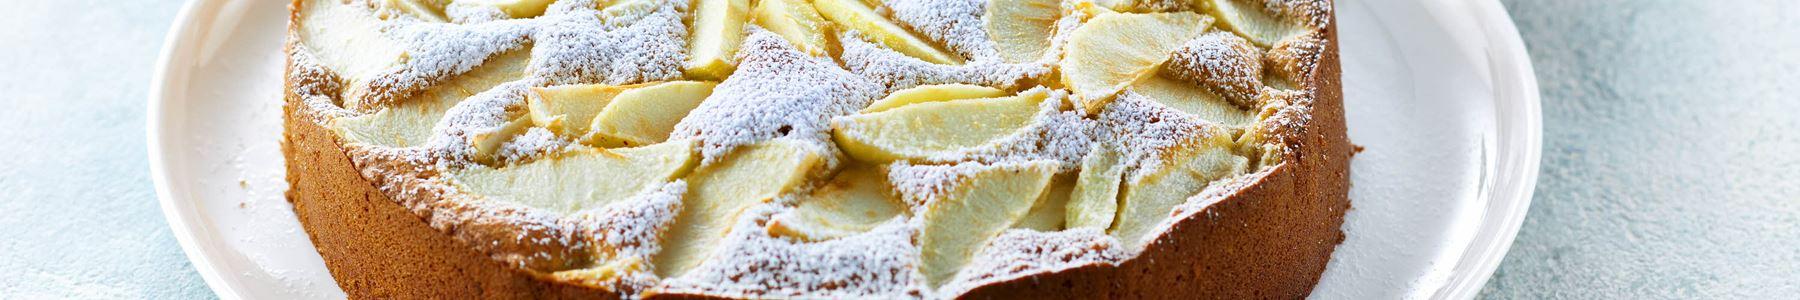 Kager + Desserter + Efterår + Vinter